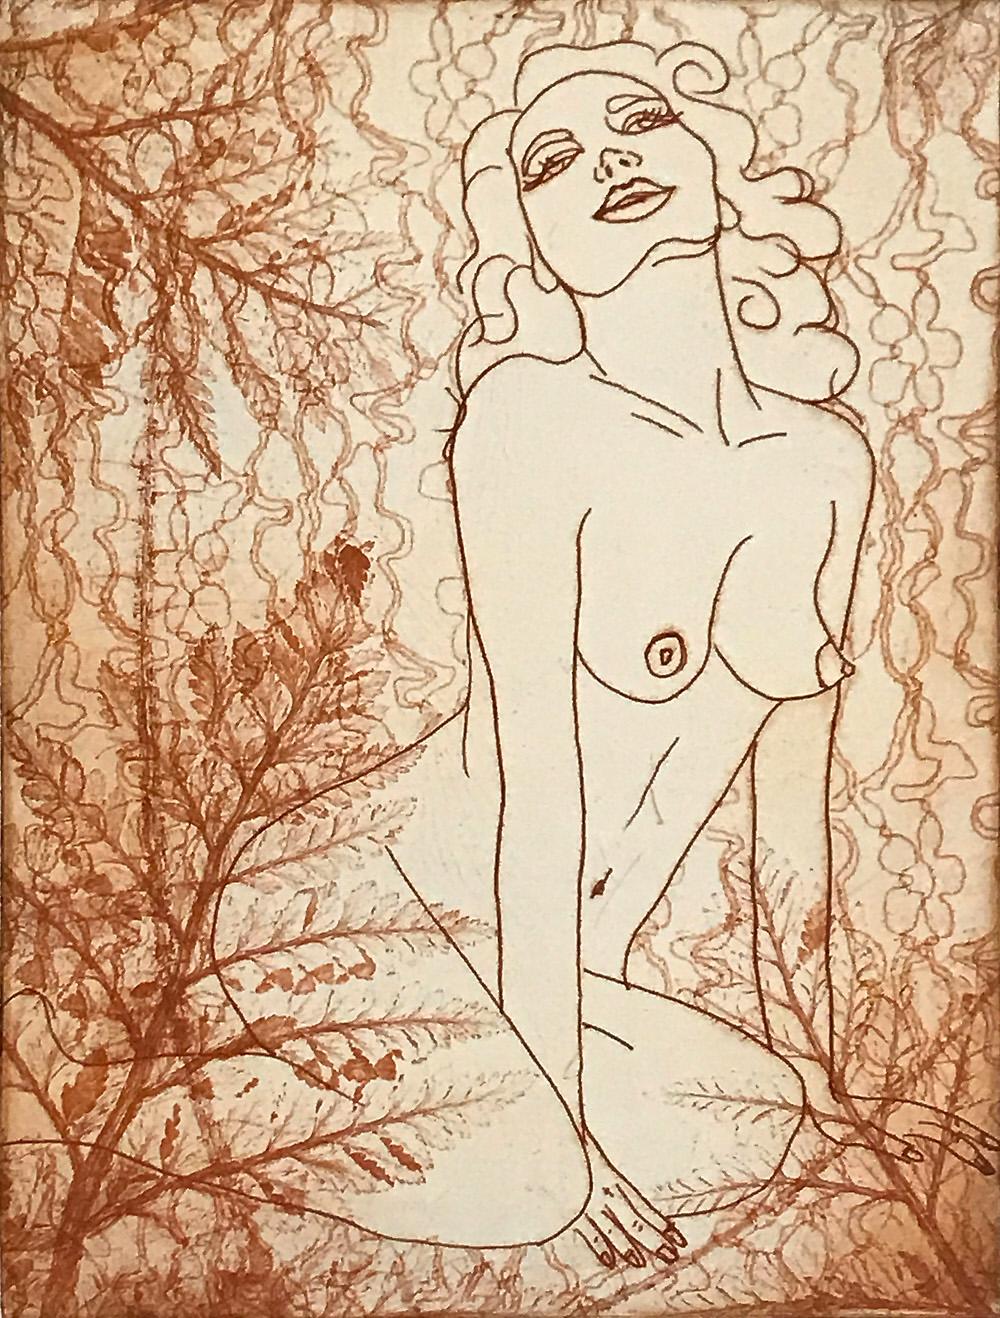 Indira-Cesarine-Intaglio-Soft-Ground-Etching-on-Cotton-Paper-2017-007.jpg